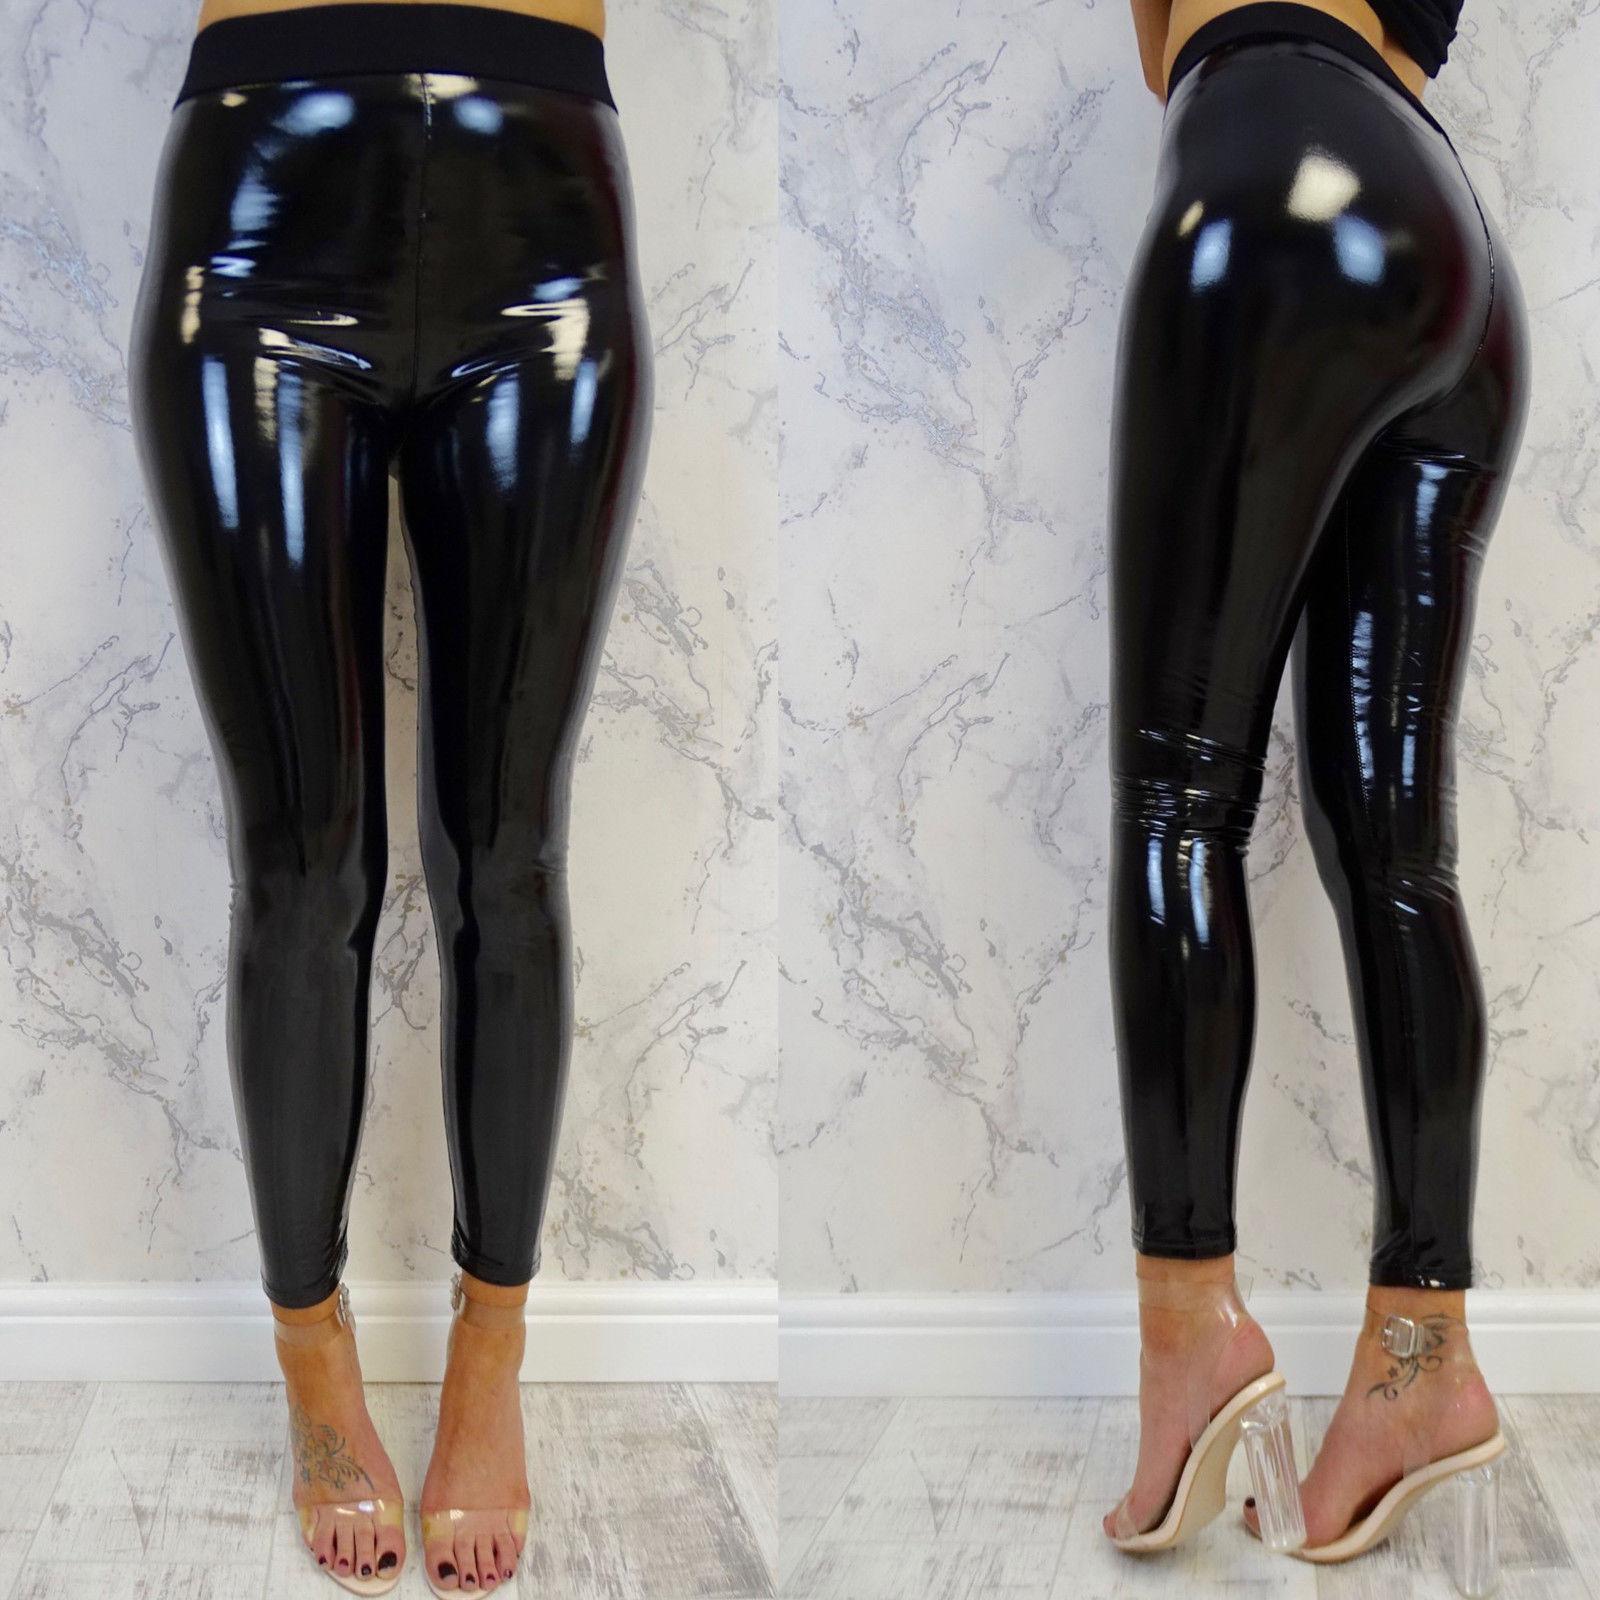 Heiße Verkaufs-Frauen-reizvolle Bleistift-Hosen Freizeit Bekleidung Lederhosen Wet Look glänzende PU-Leder-Disco Elasticated hohe Taillen-Gamaschen-Hose